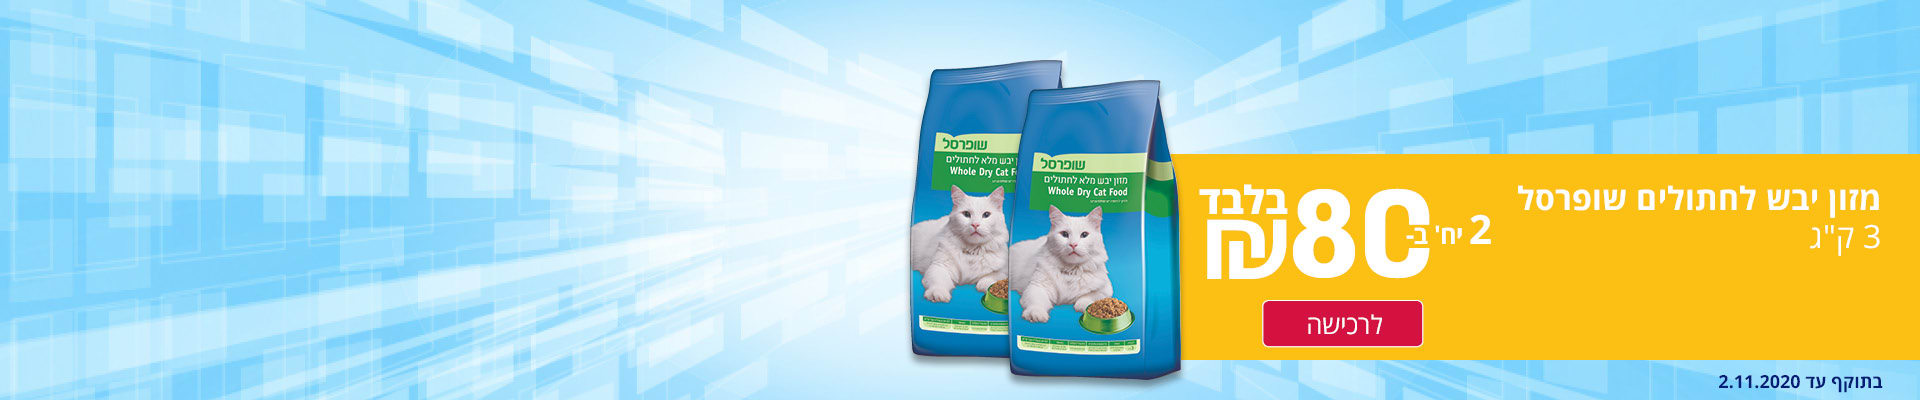 """מזון יבש לחתולים שופרסל 3 ק""""ג 2 יחידות ב 80 ₪. בתוקף עד 2.11.2020"""